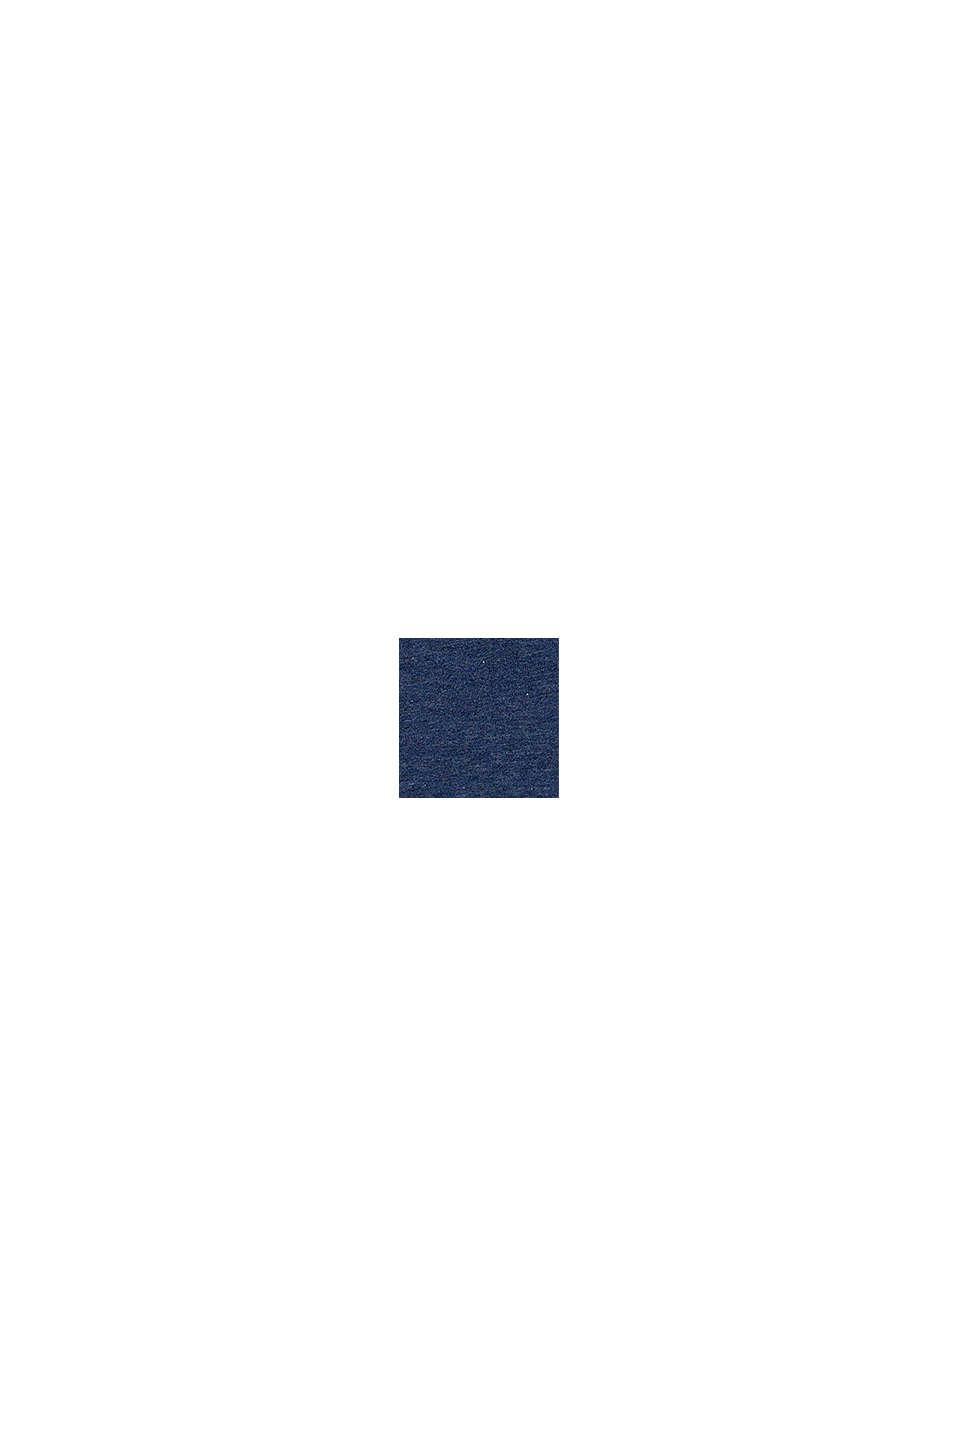 Leggings basiques en coton bio, BLUE, swatch